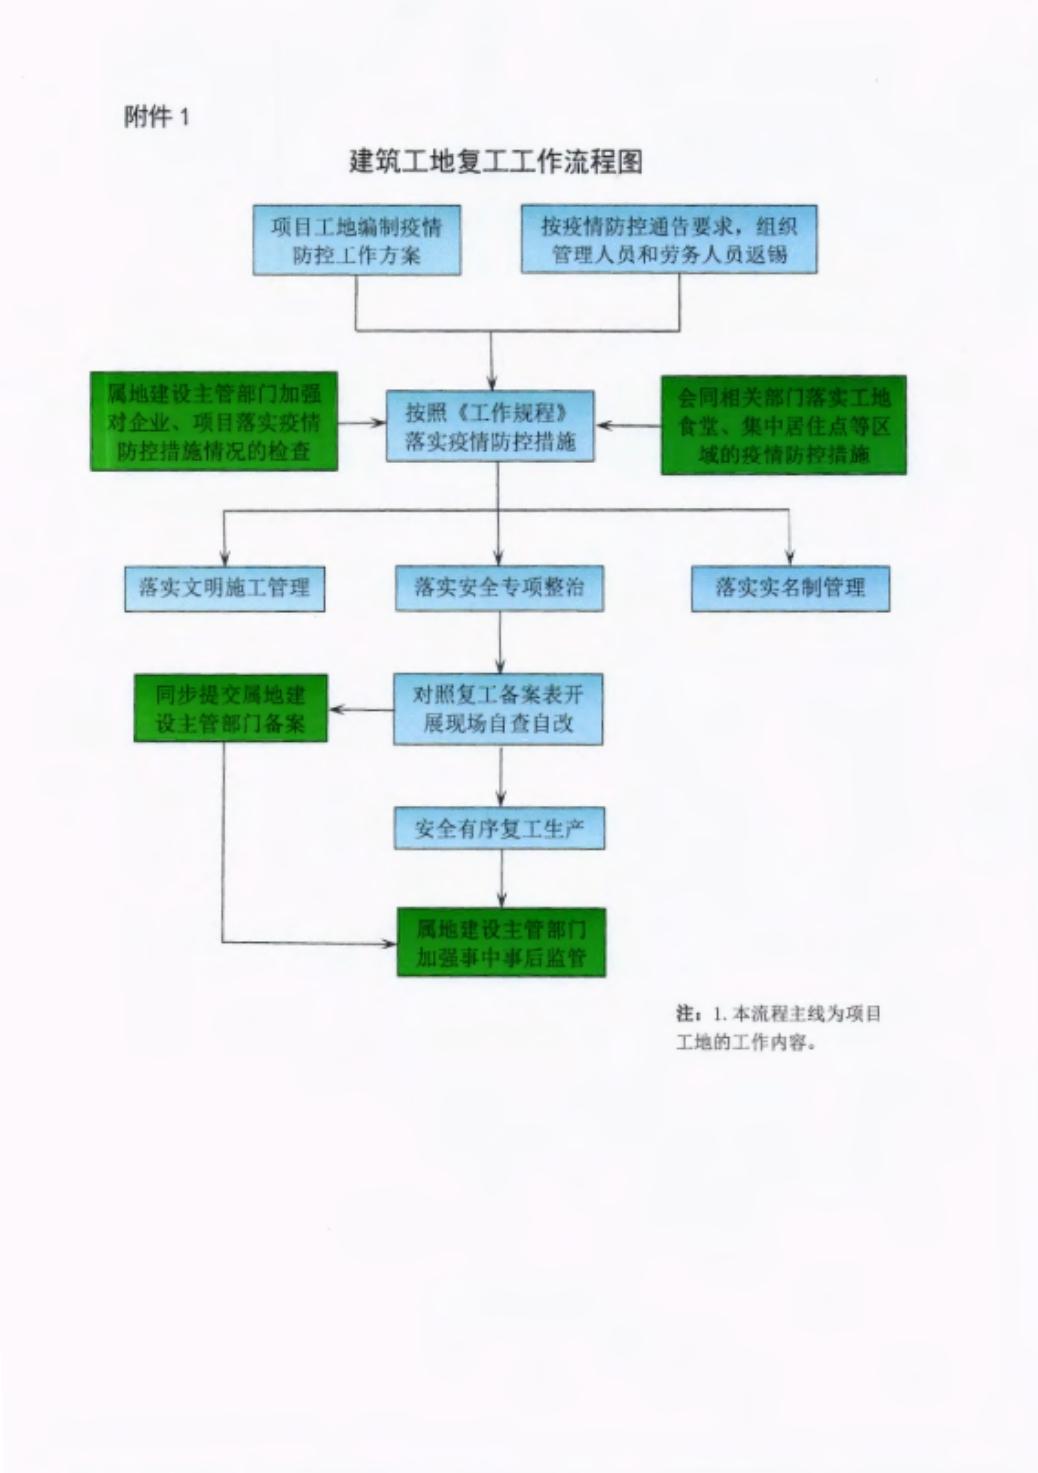 微信图片_20200219221001.jpg